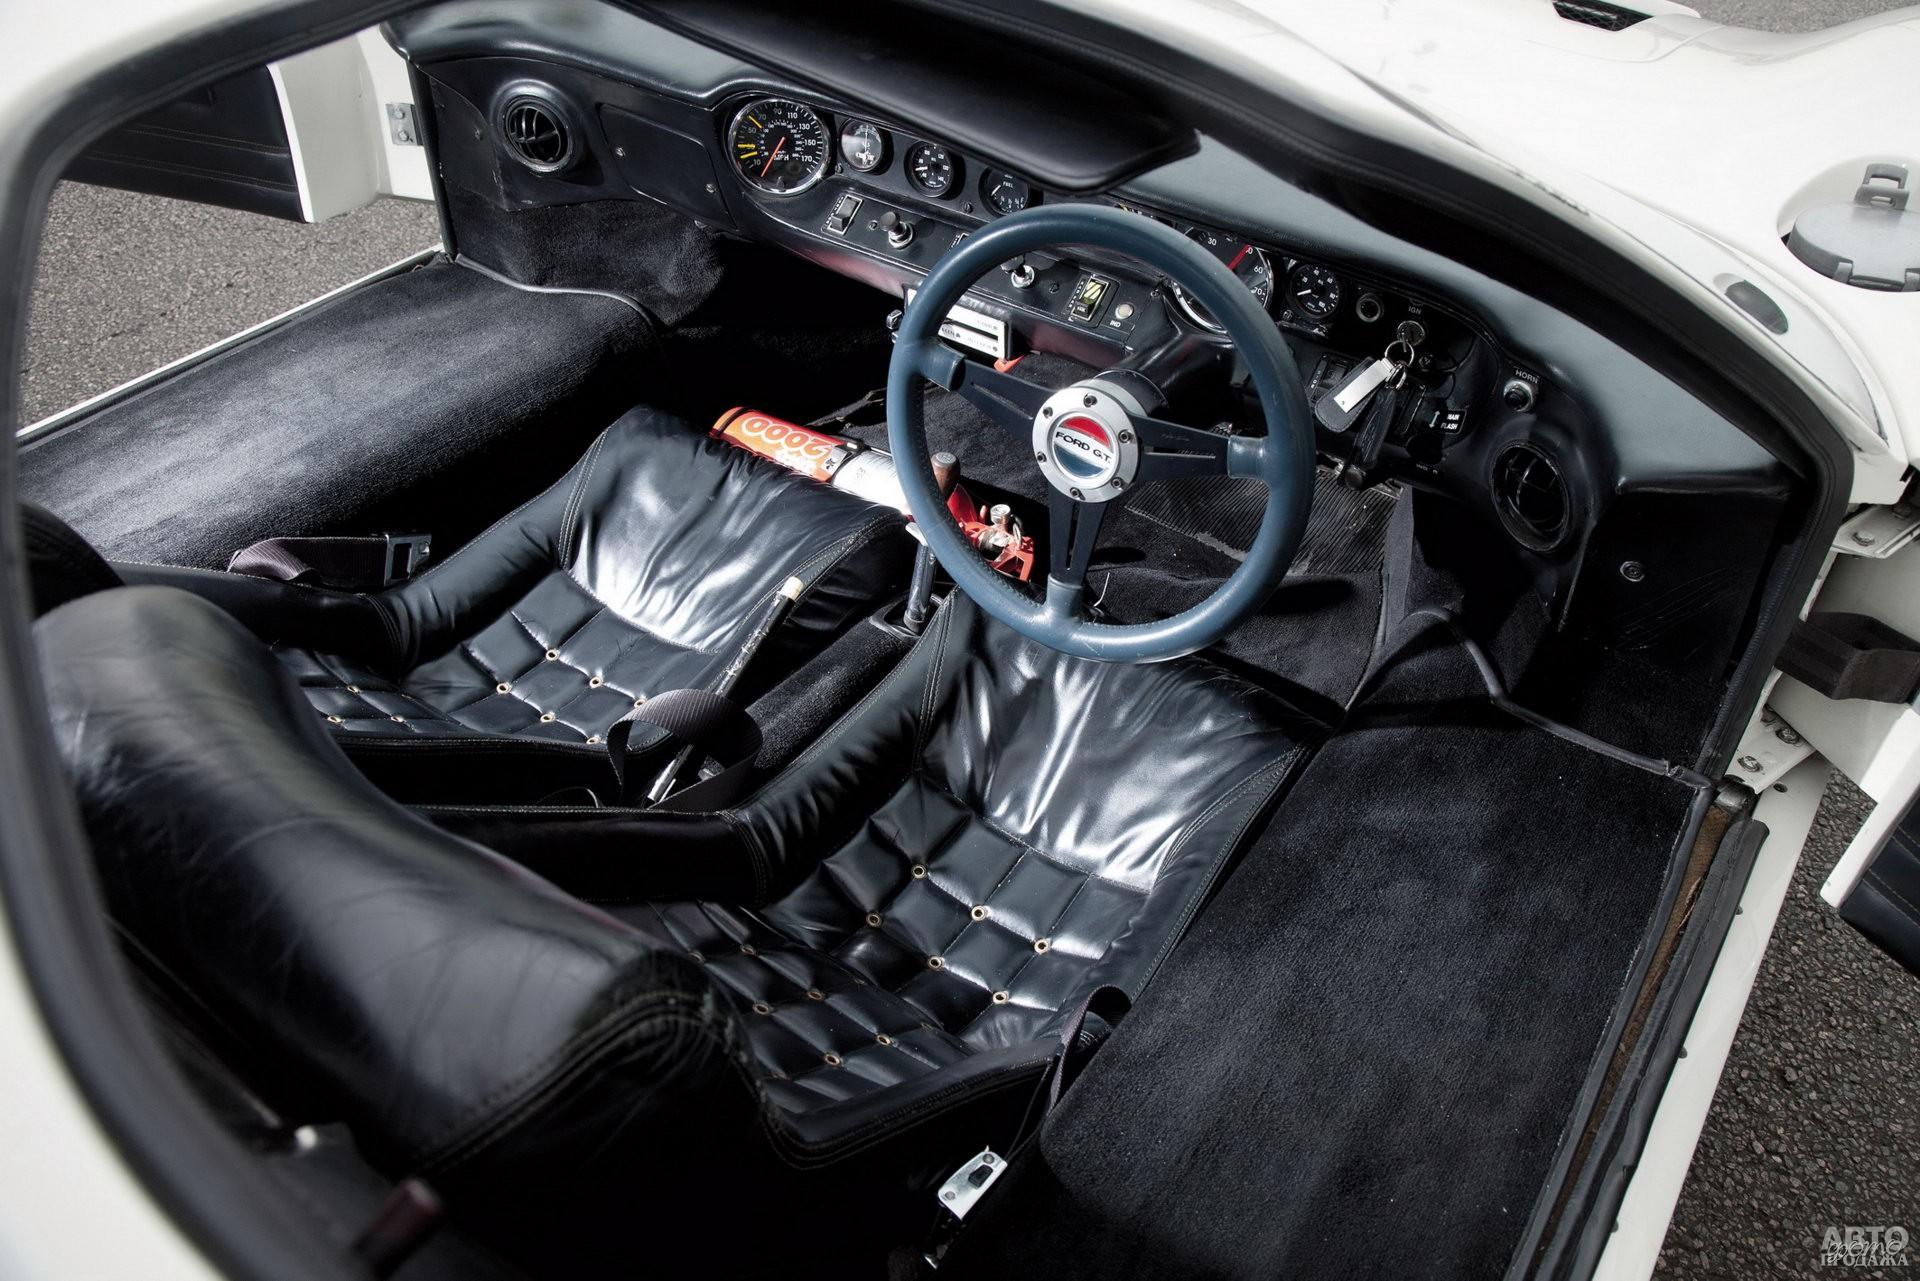 Салон GT40 MkIII отличался улучшенной отделкой, наличием отопителя и радио